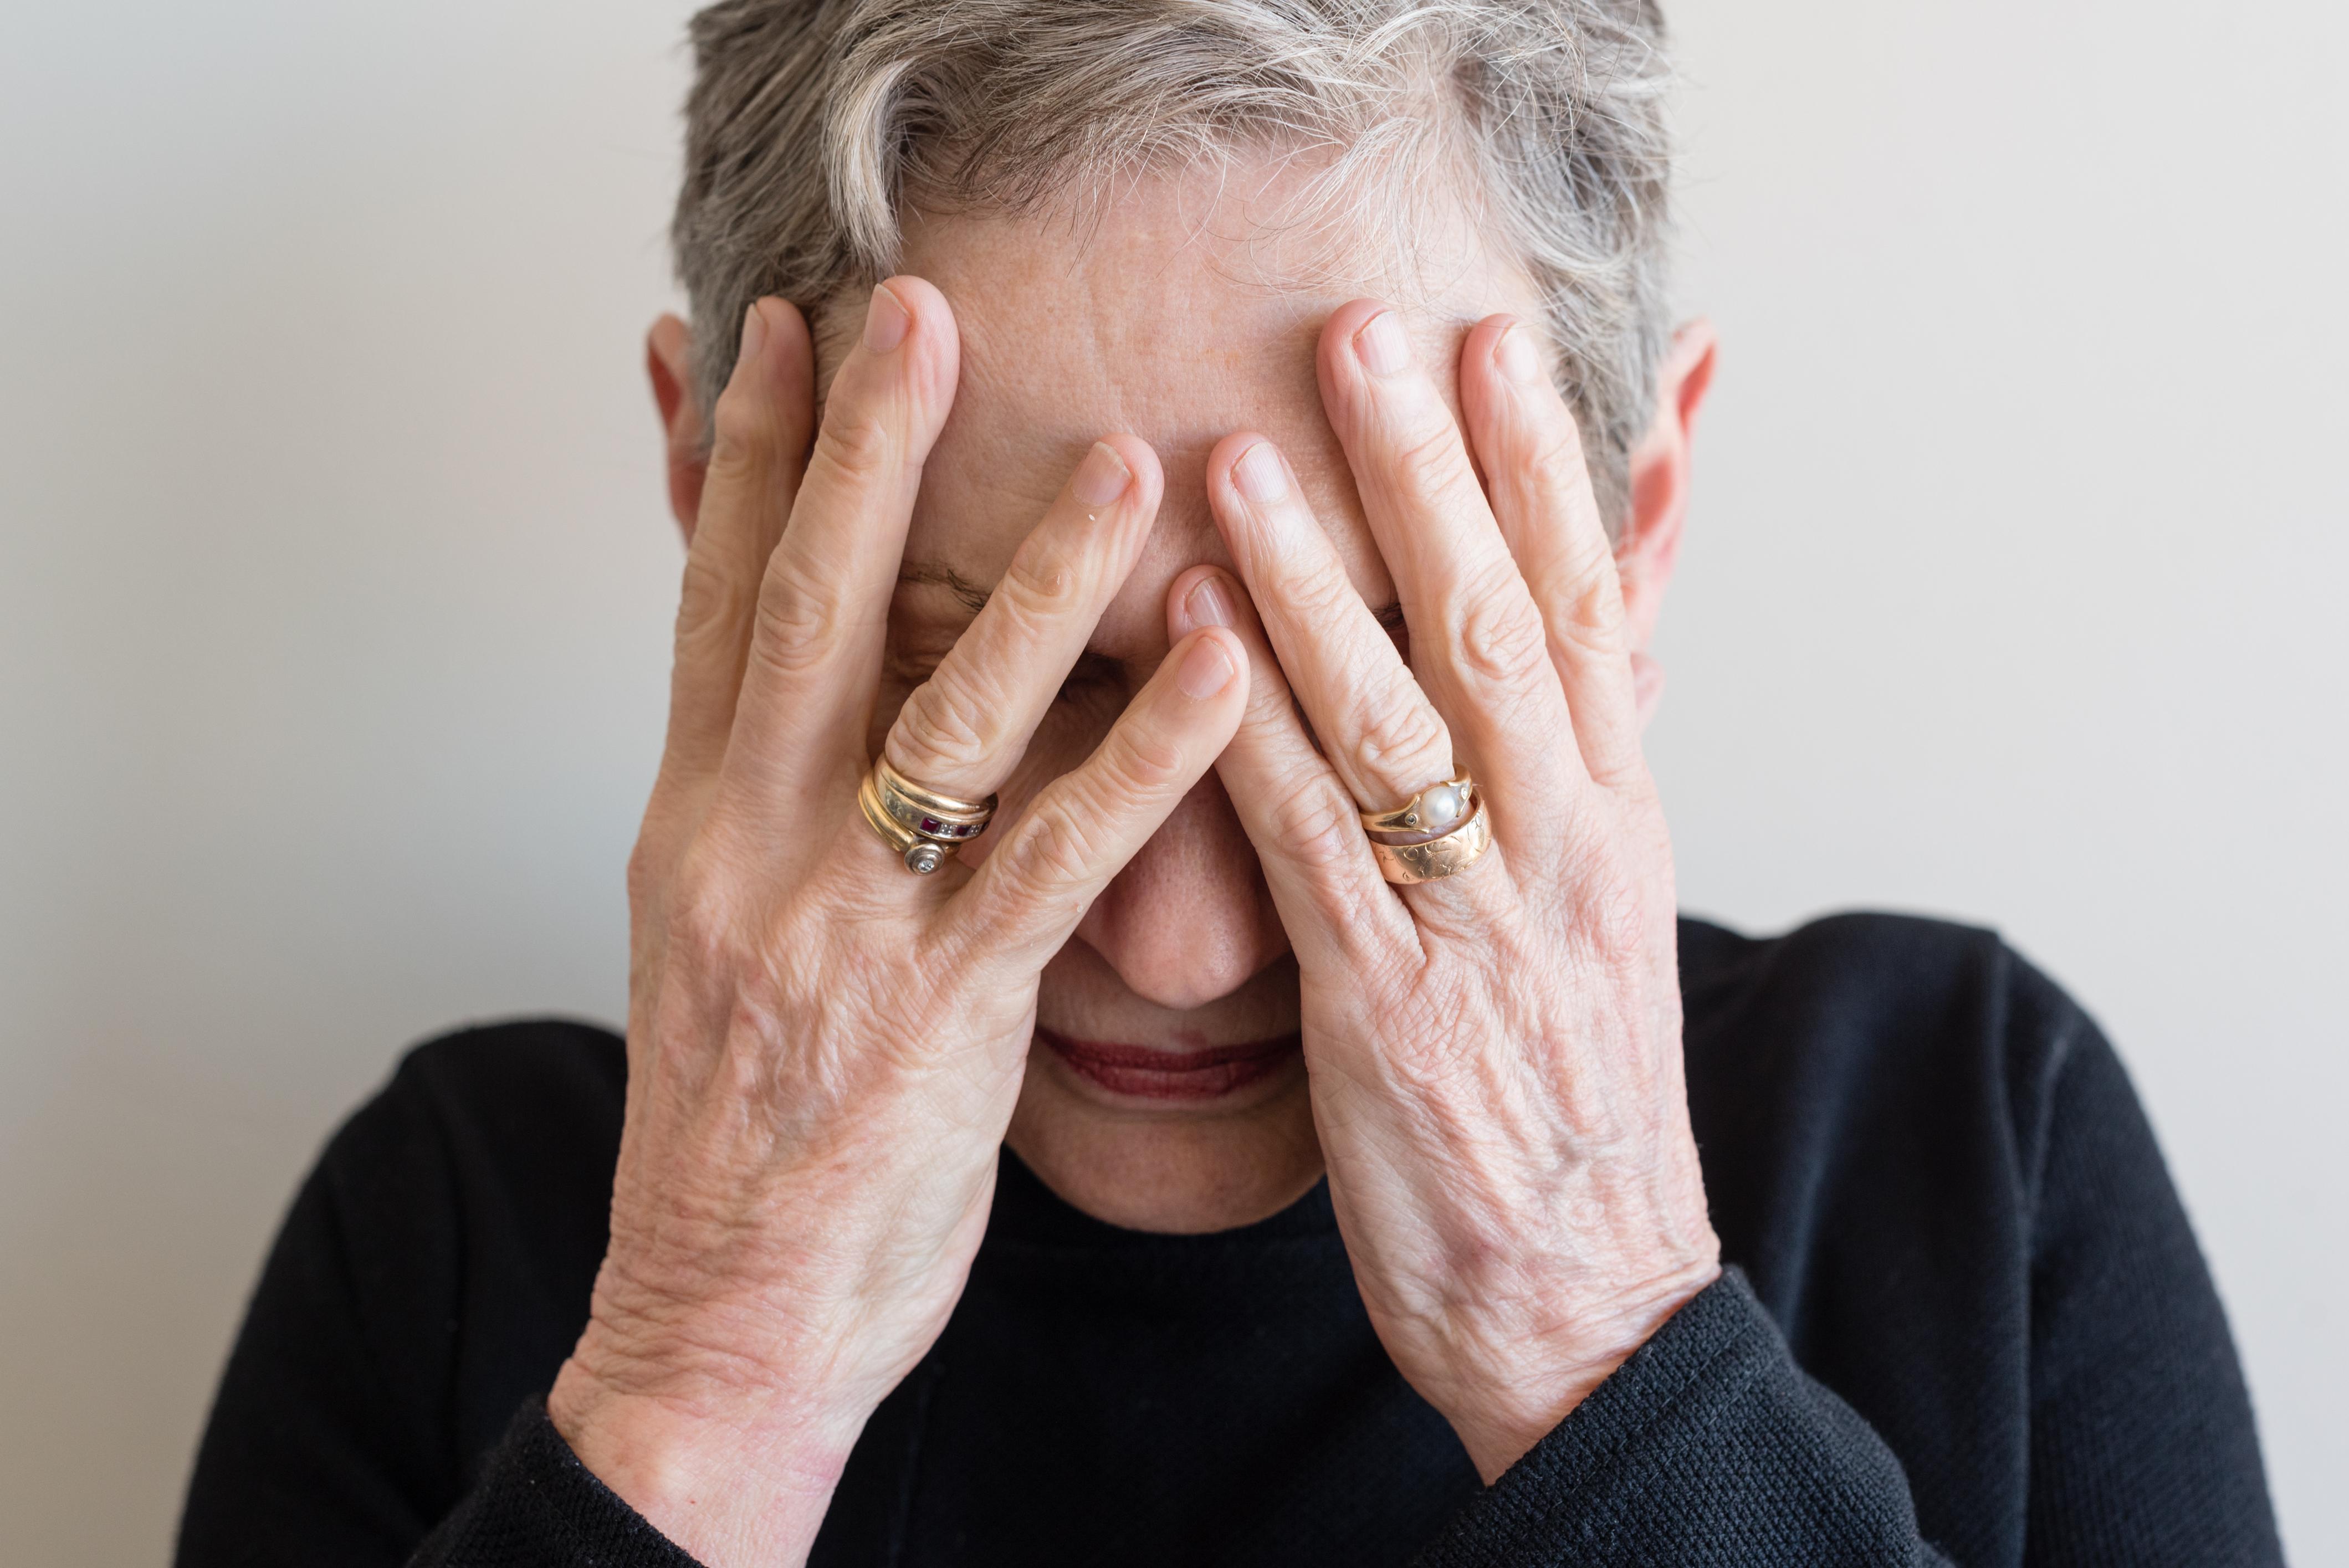 הגדיל לעשות והתקשר למשפחות הקשישים ודרש תשלום עבור תיקון שלא עשה מעולם. צילום: גטיאימג'ס